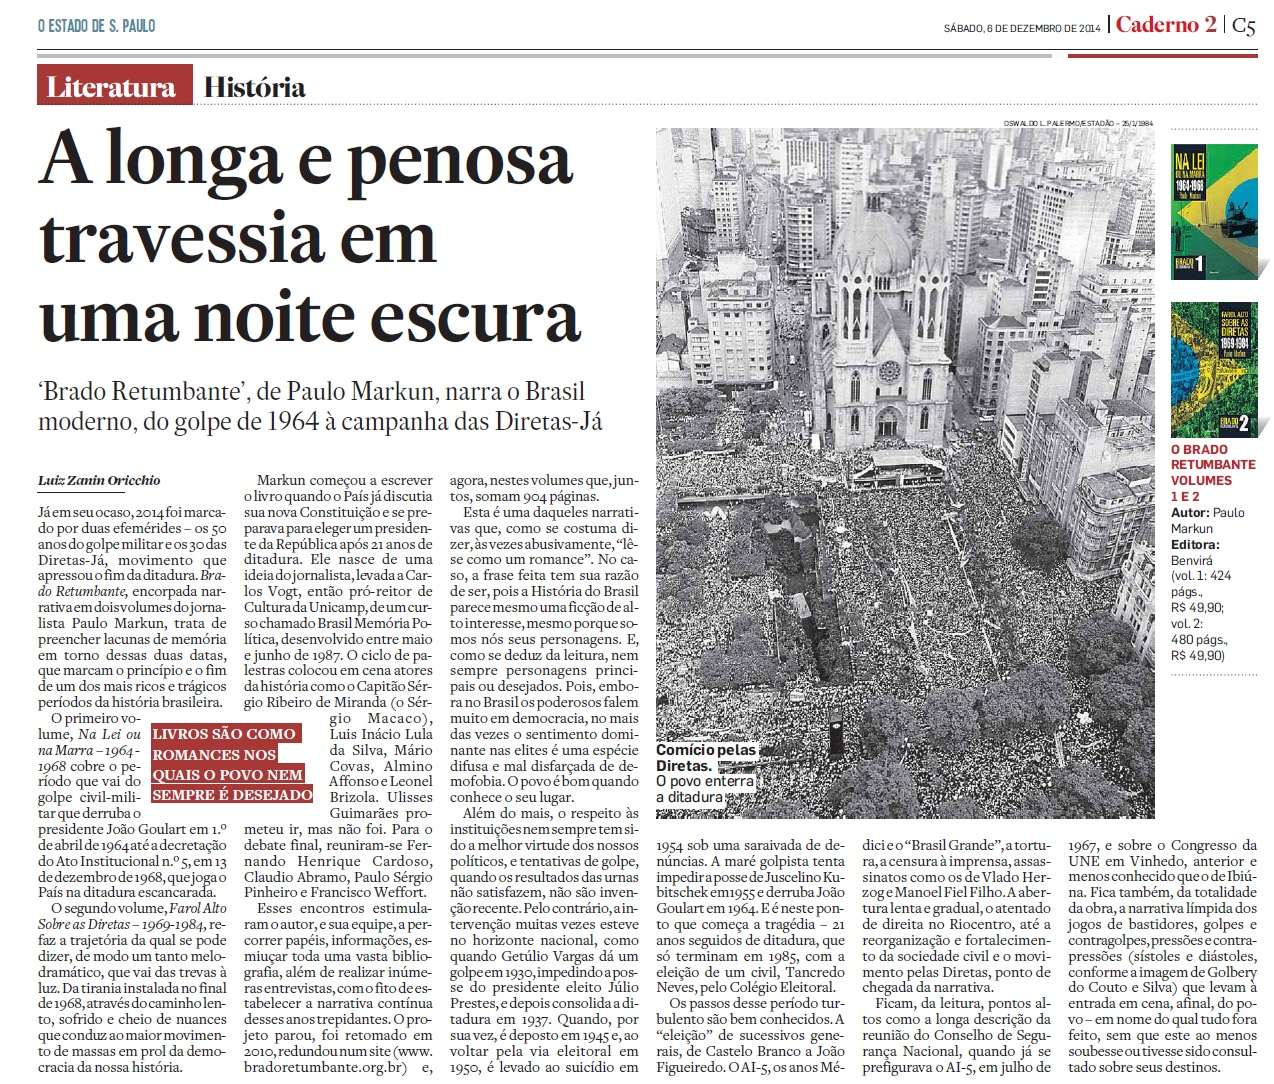 O Estado de S. Paulo_06.12.14